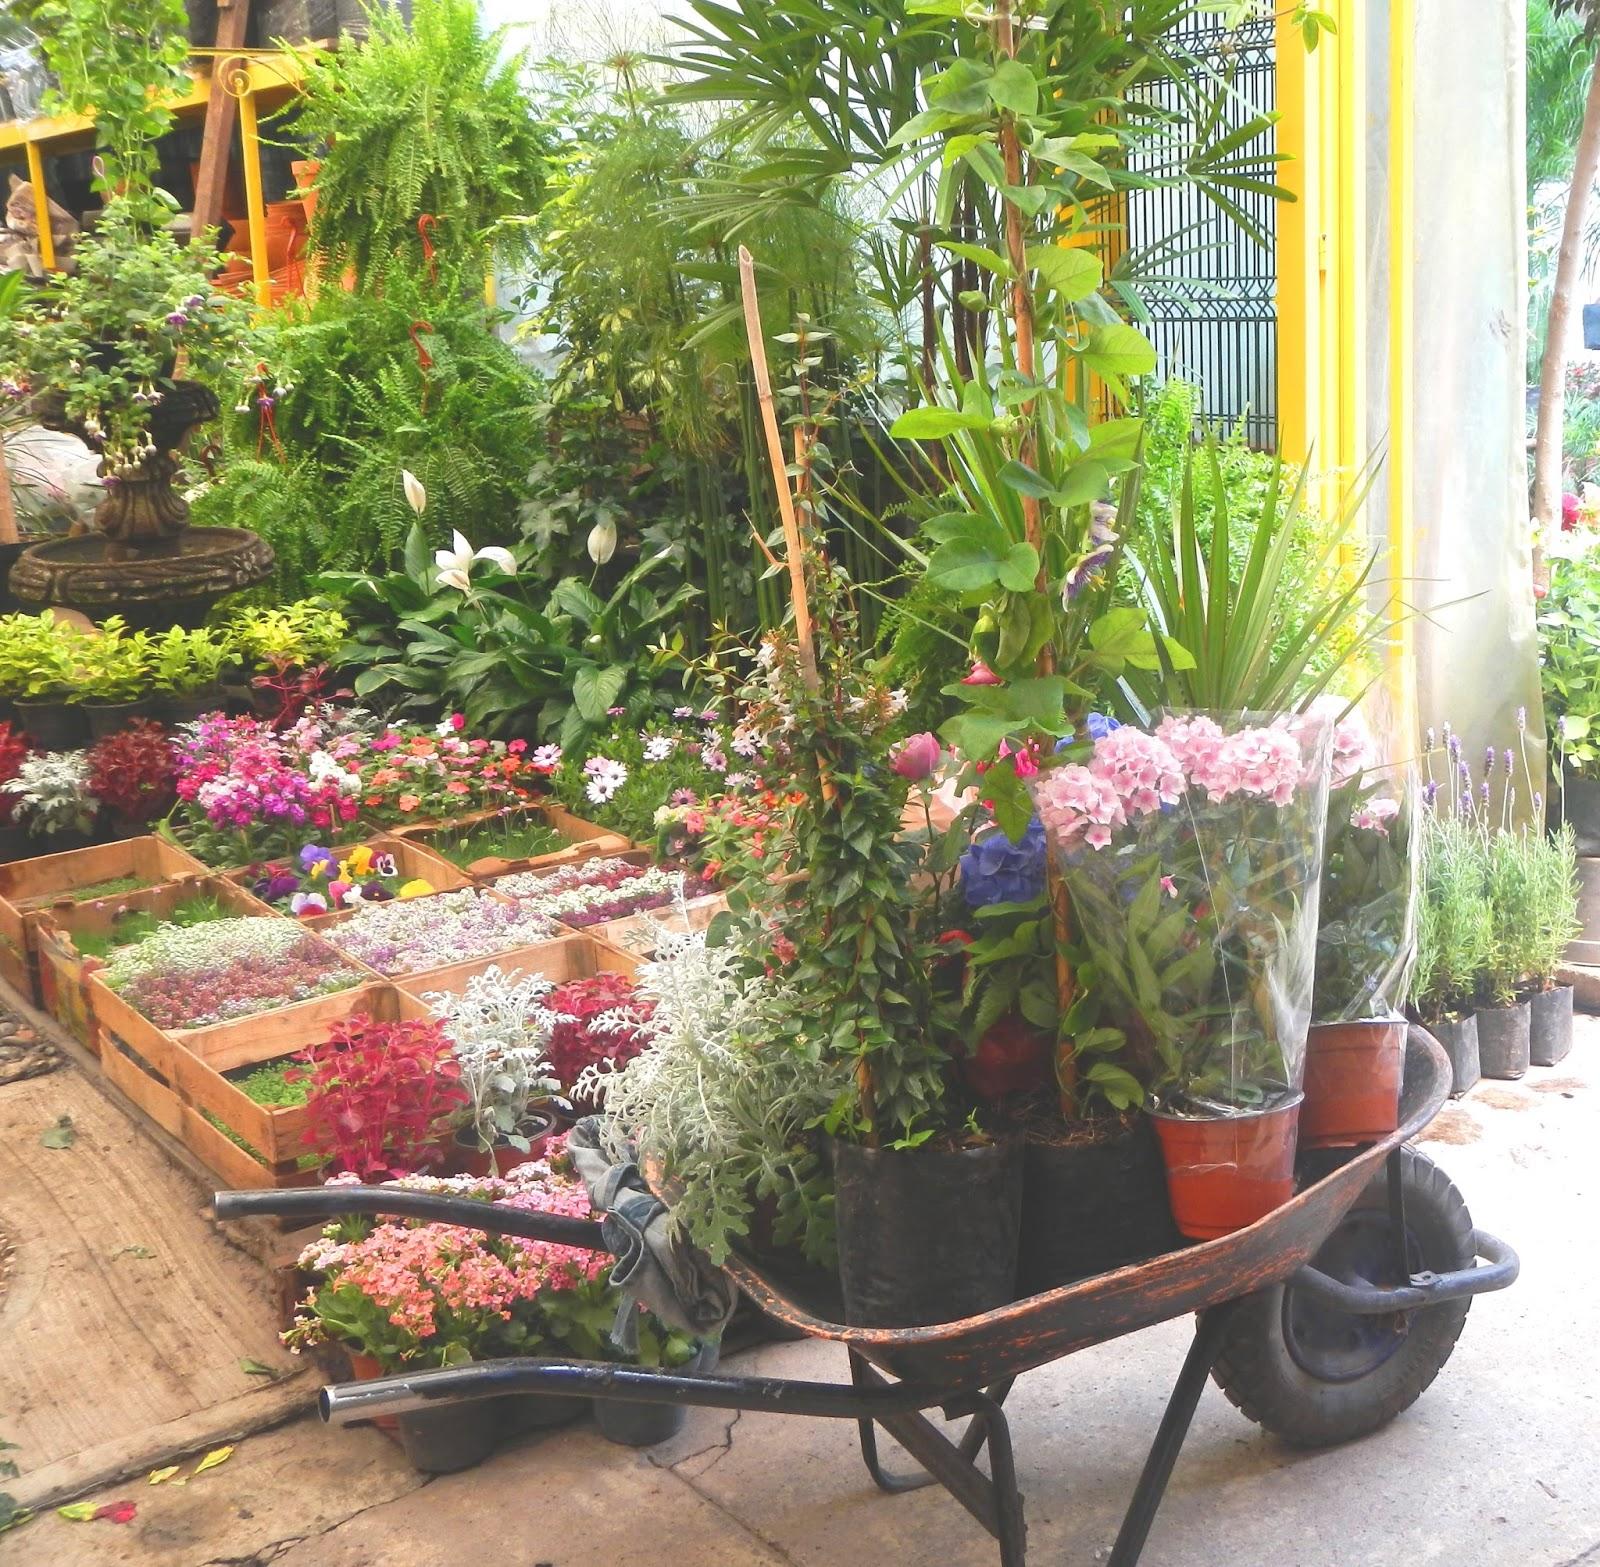 Mercado de plantas viveros de coyoac n heriberto el conejo for Plantas para viveros